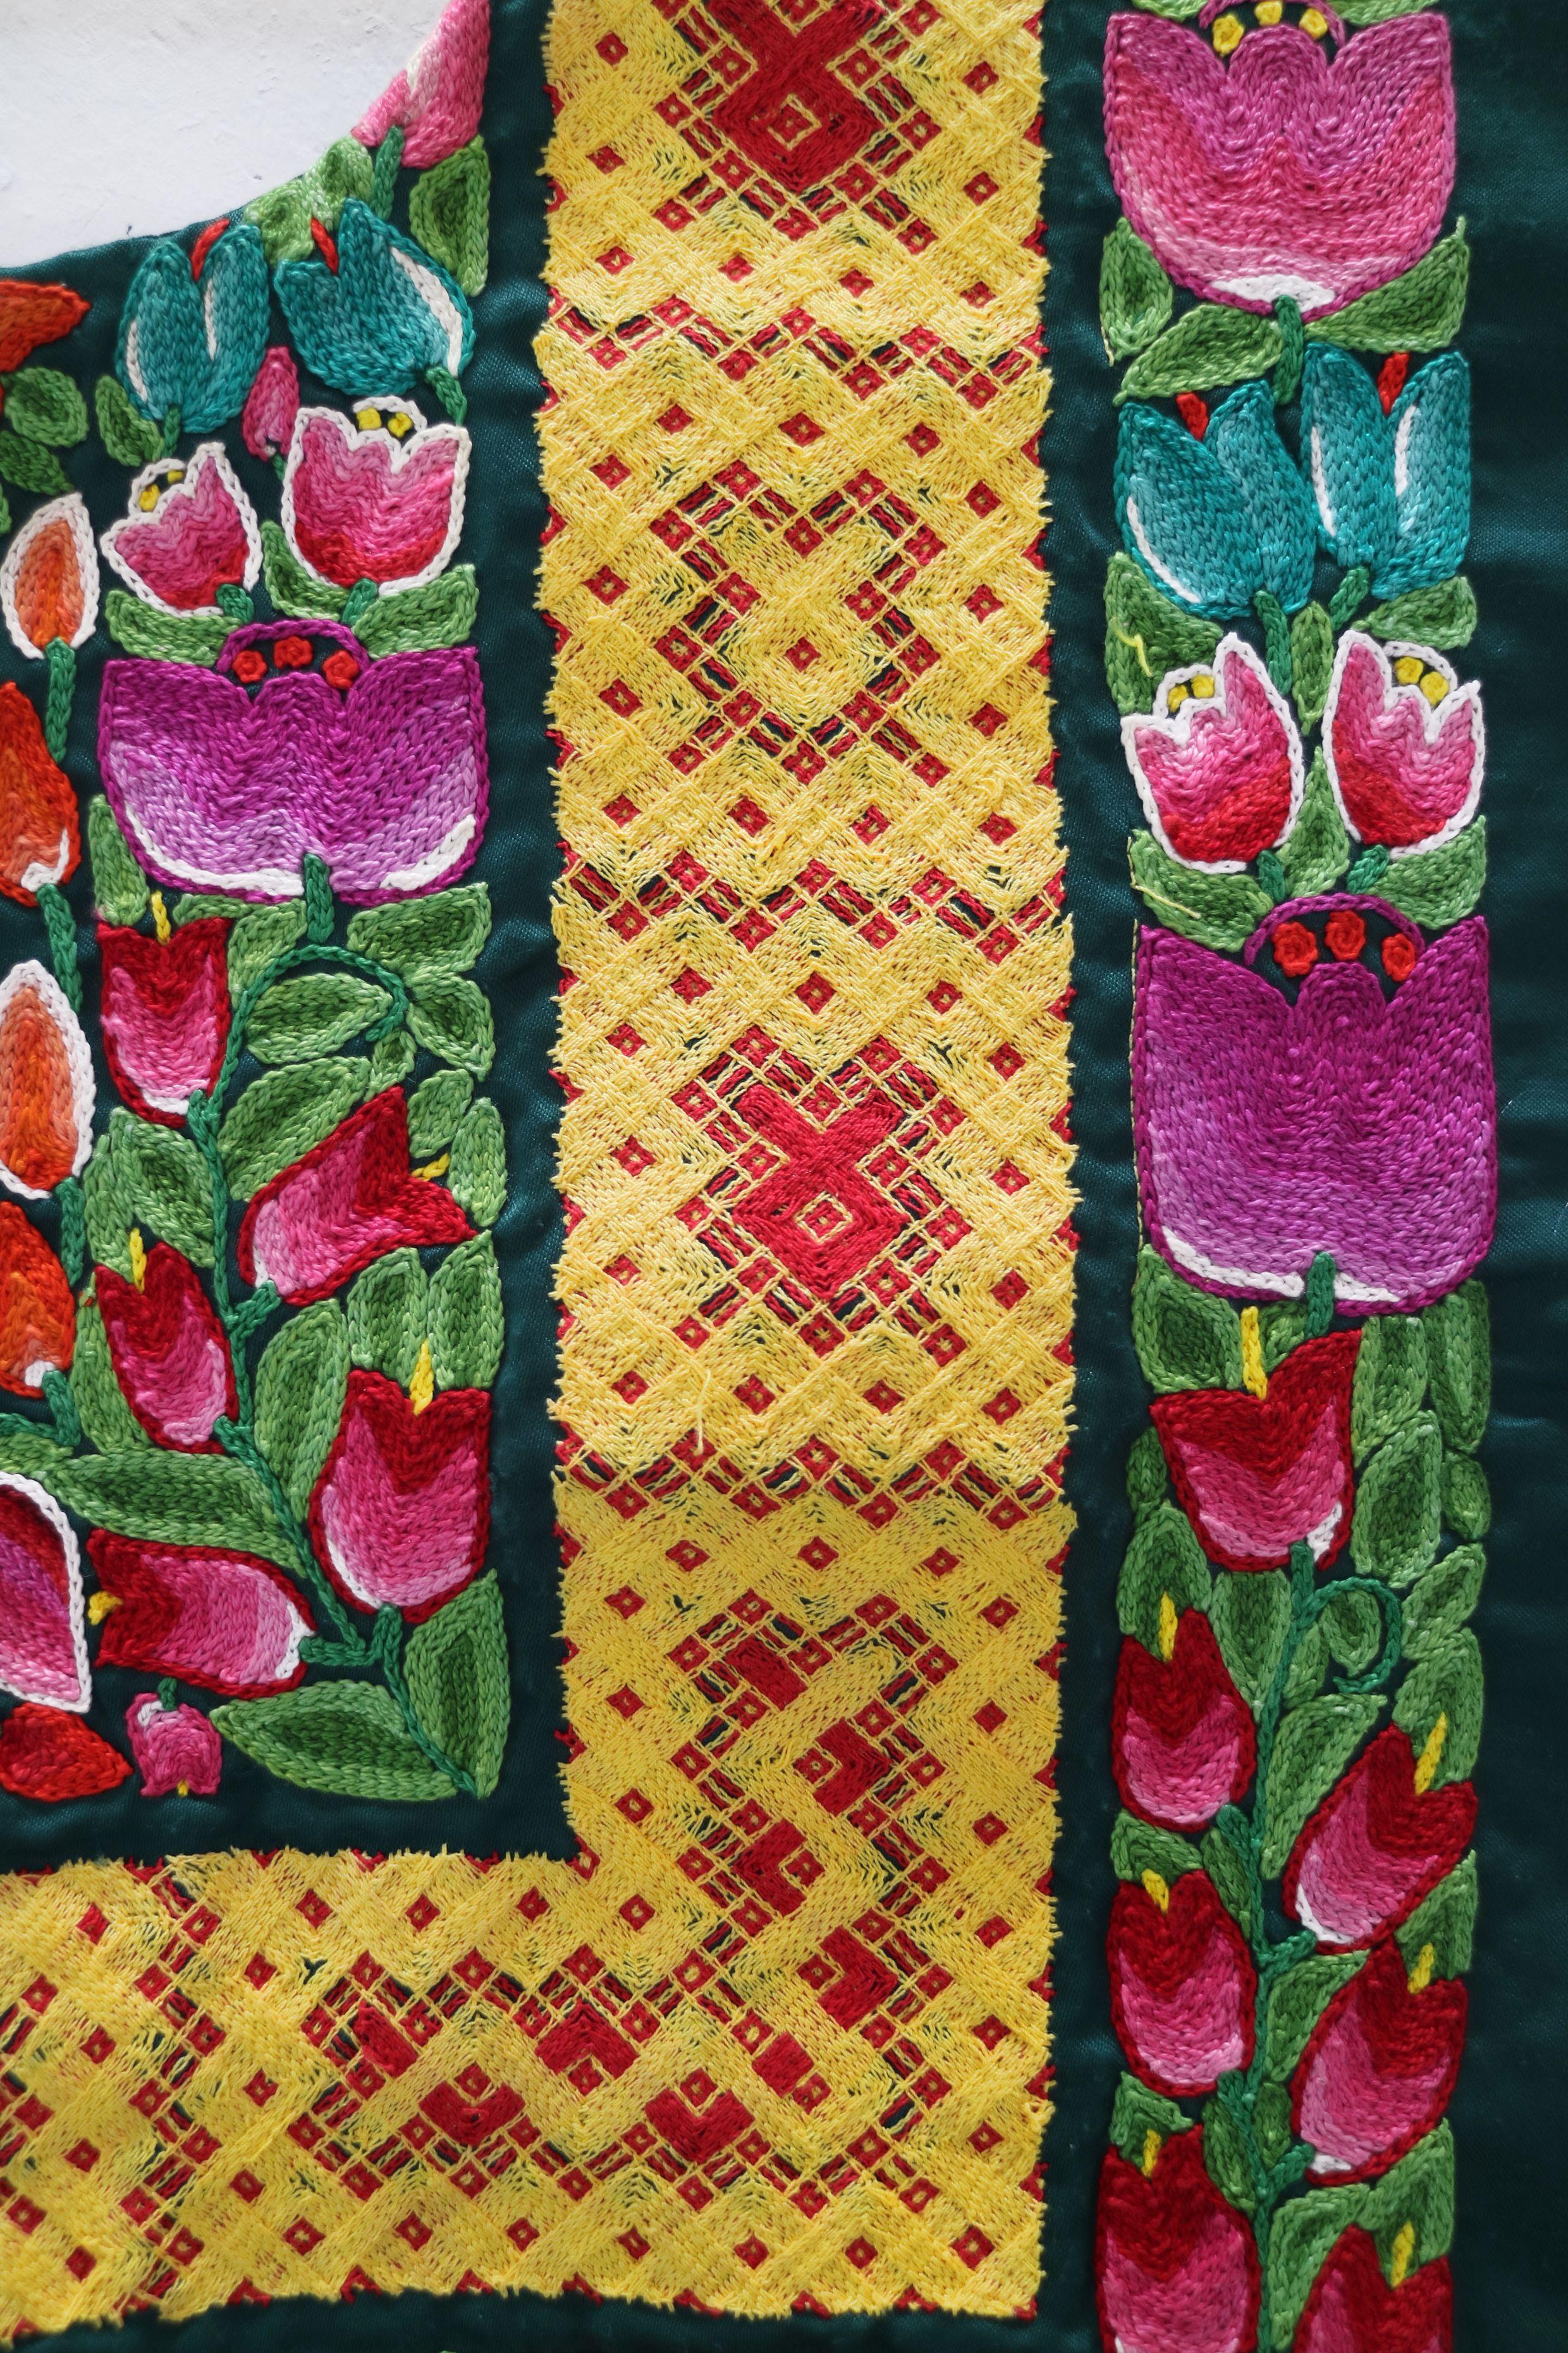 feddc5e043 Bordado de cadenilla y bordado a mano. Tehuantepec